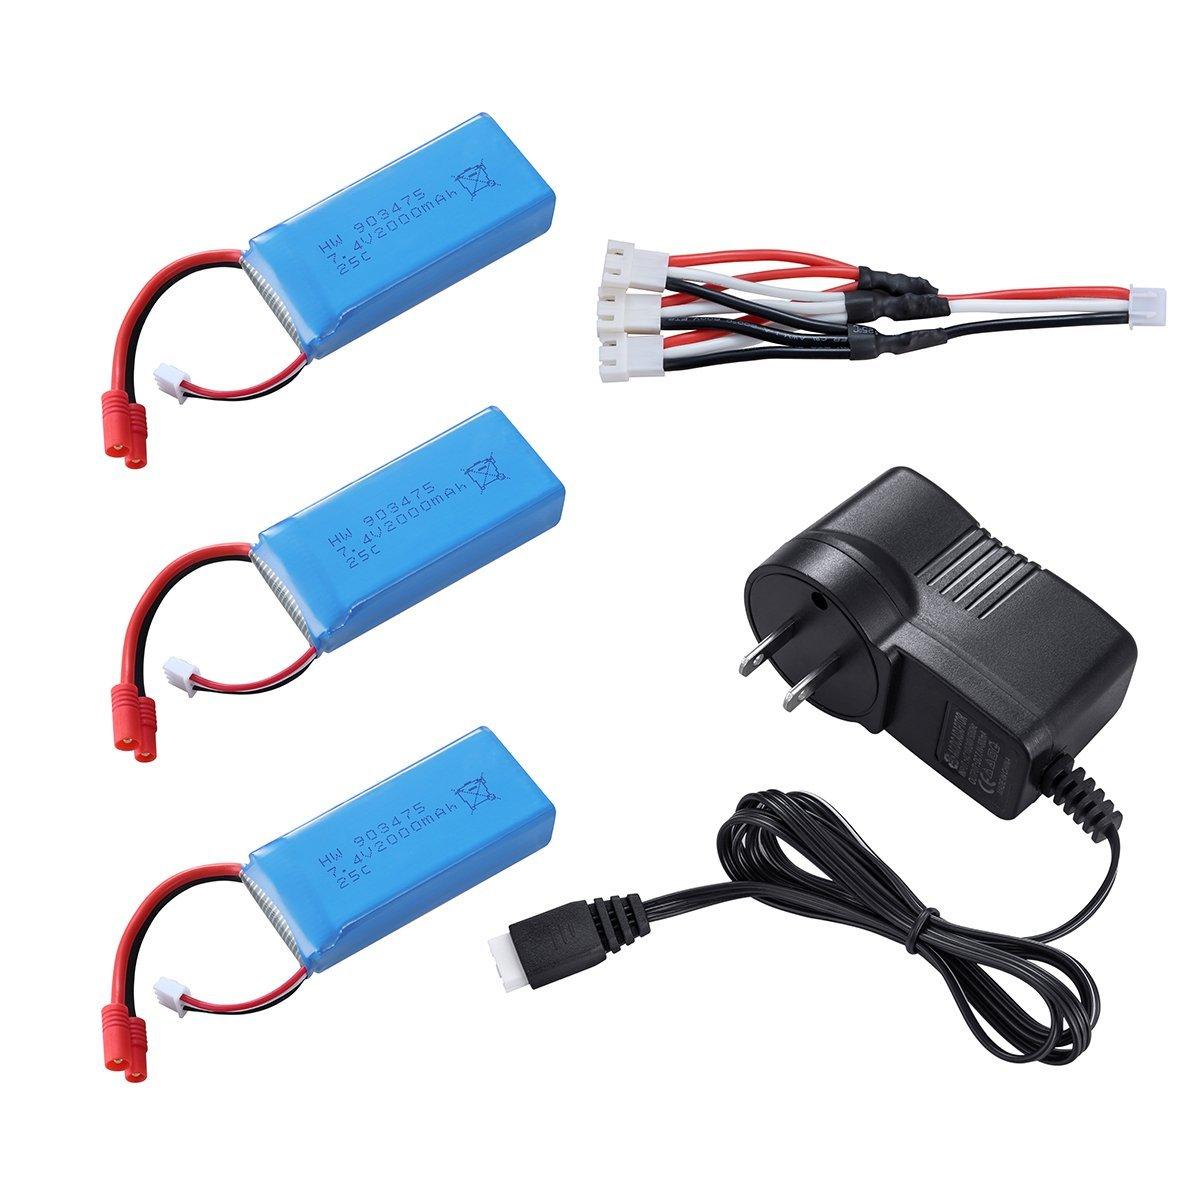 3 ШТ. 2 S 7.4 В 2000 мАч Батареи Штепсельной вилки банана для Drone <font><b>Syma</b></font> X8C X8W X8G RC Quadcopter с AC Зарядное Устройство и 3in1 кабель